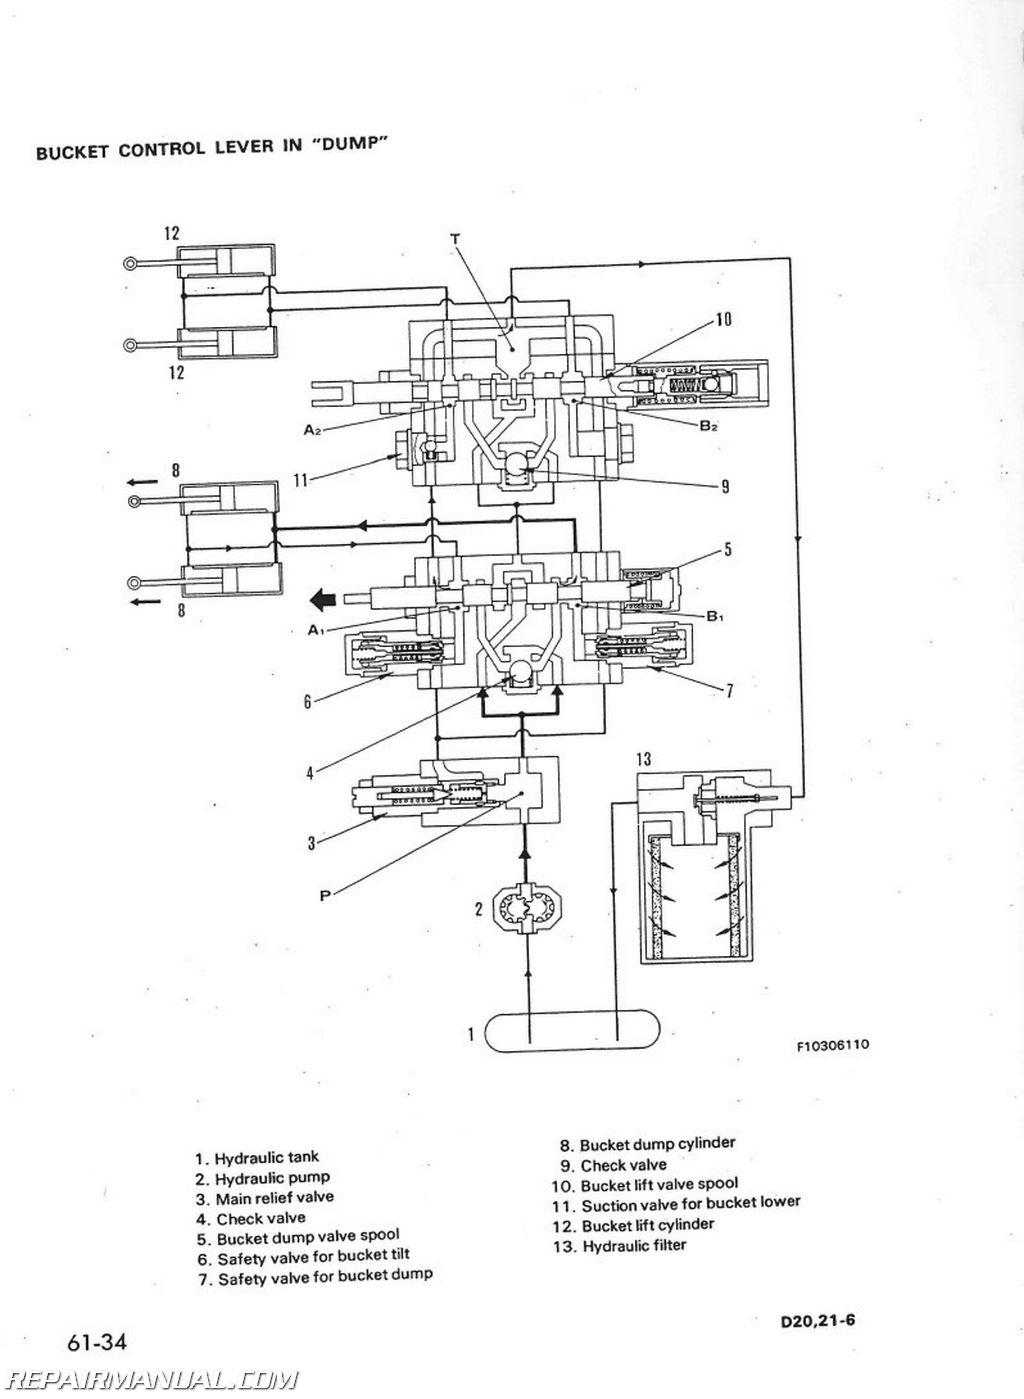 Komatsu Dozer D21 Wiring Diagram | Wiring Schematic Diagram